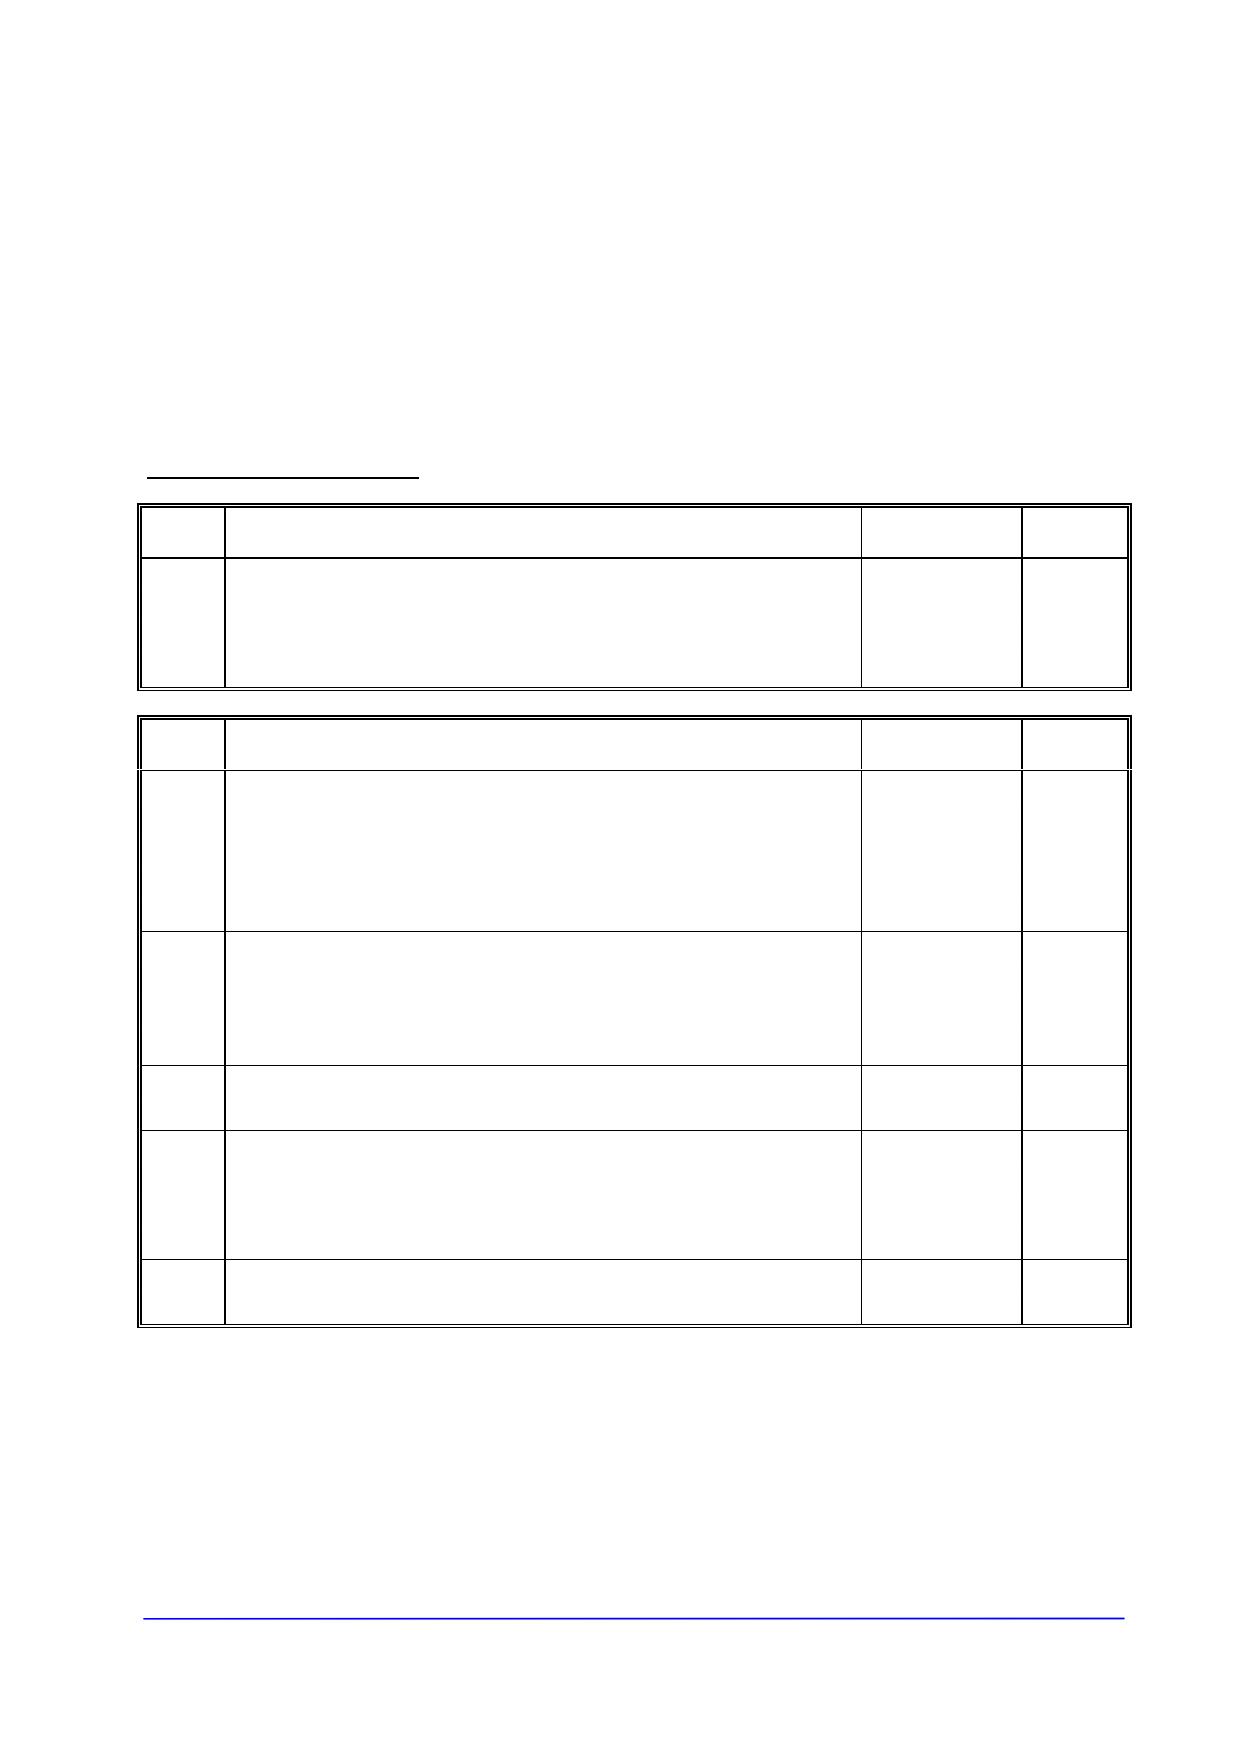 R0577YS12D datasheet